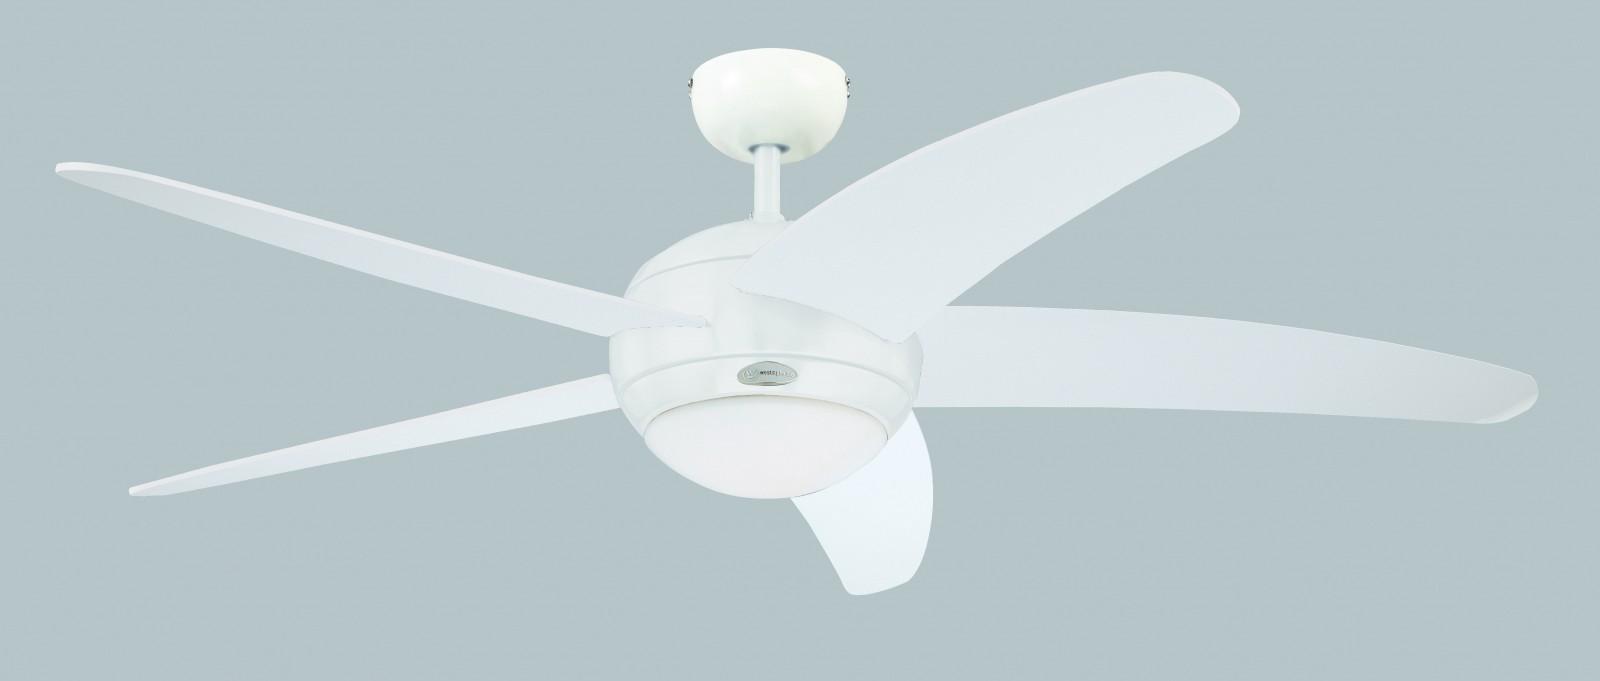 100 remote control for ceiling fan remote control for faro